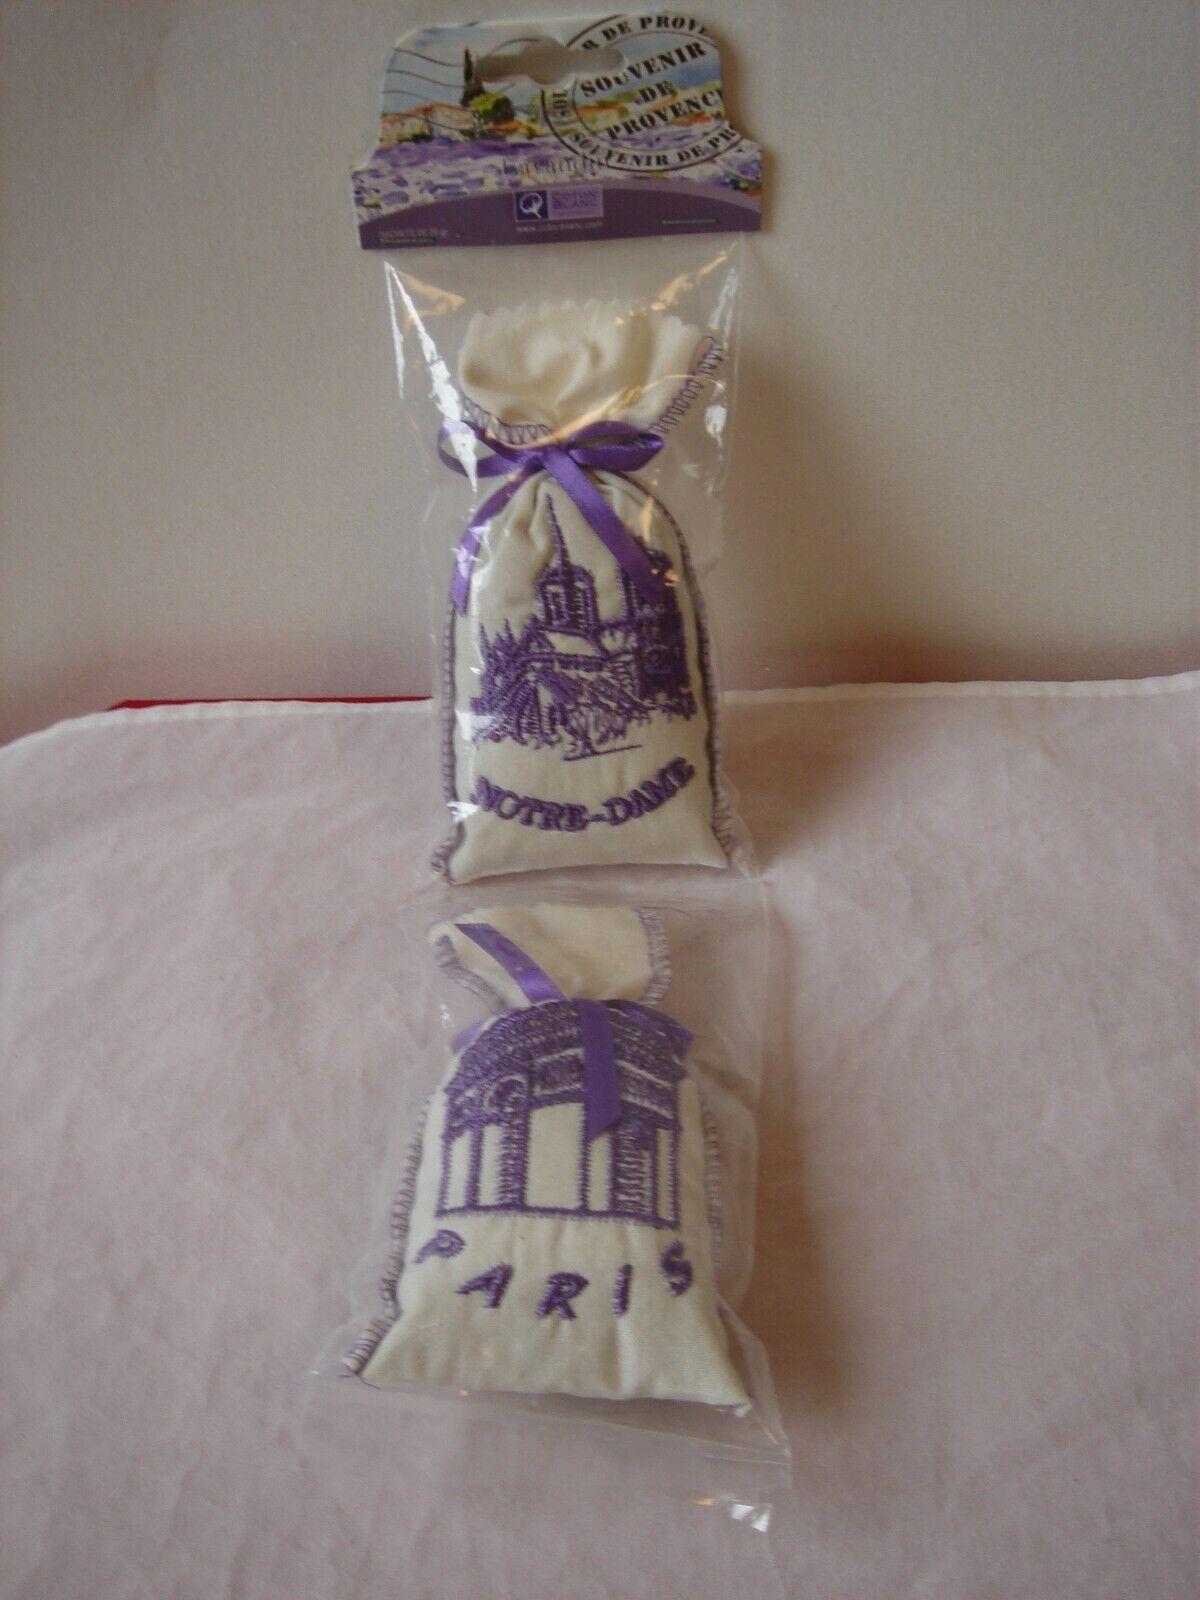 Lavendelbeutel Duftsäckchen 2 Stück Souvenir aus Frankreich in OVP